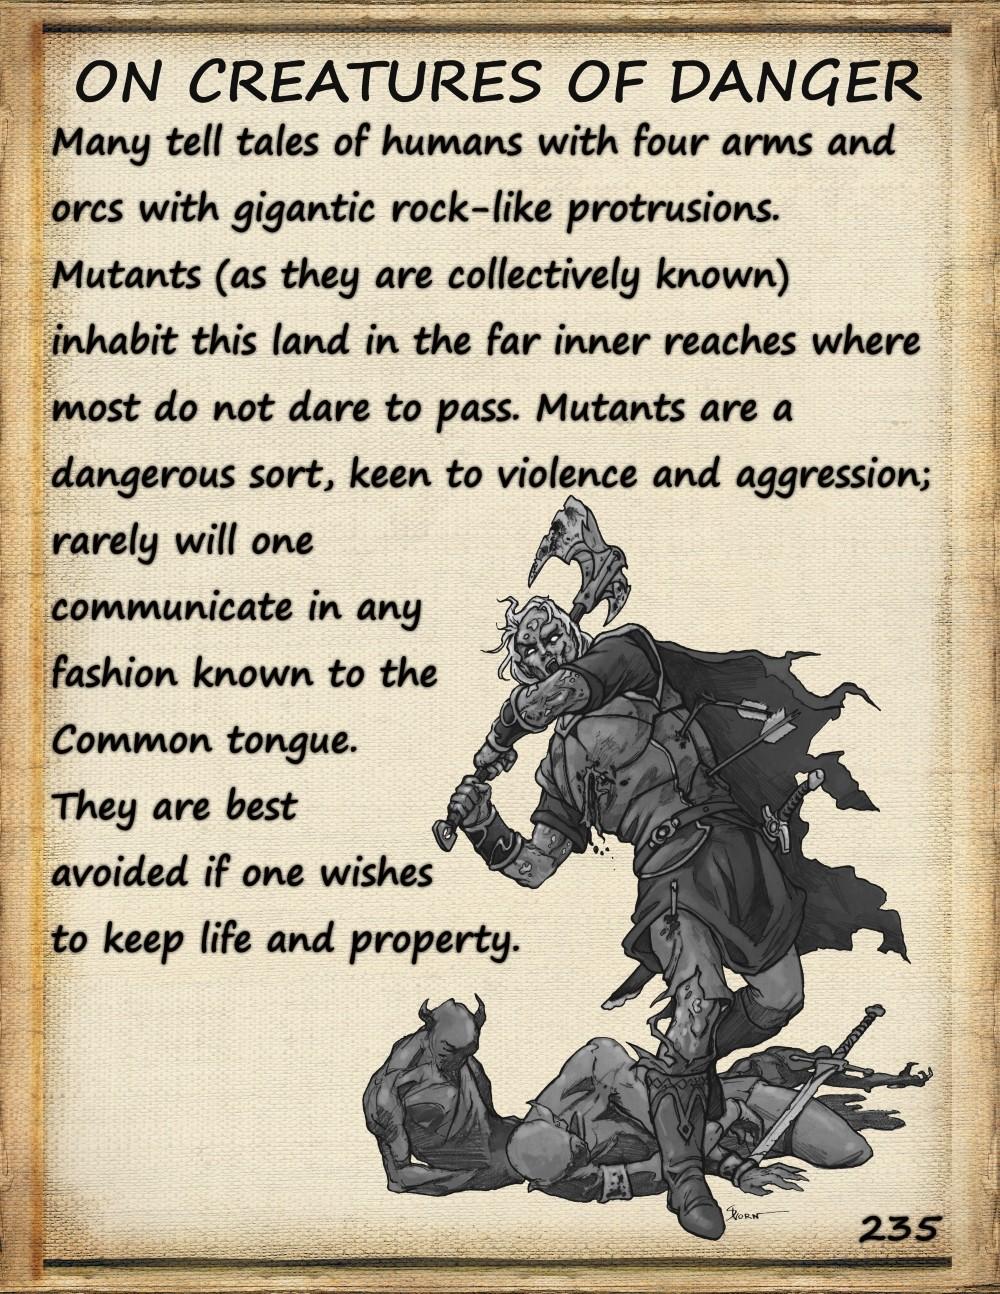 pilgrim's guide dangerous creatures